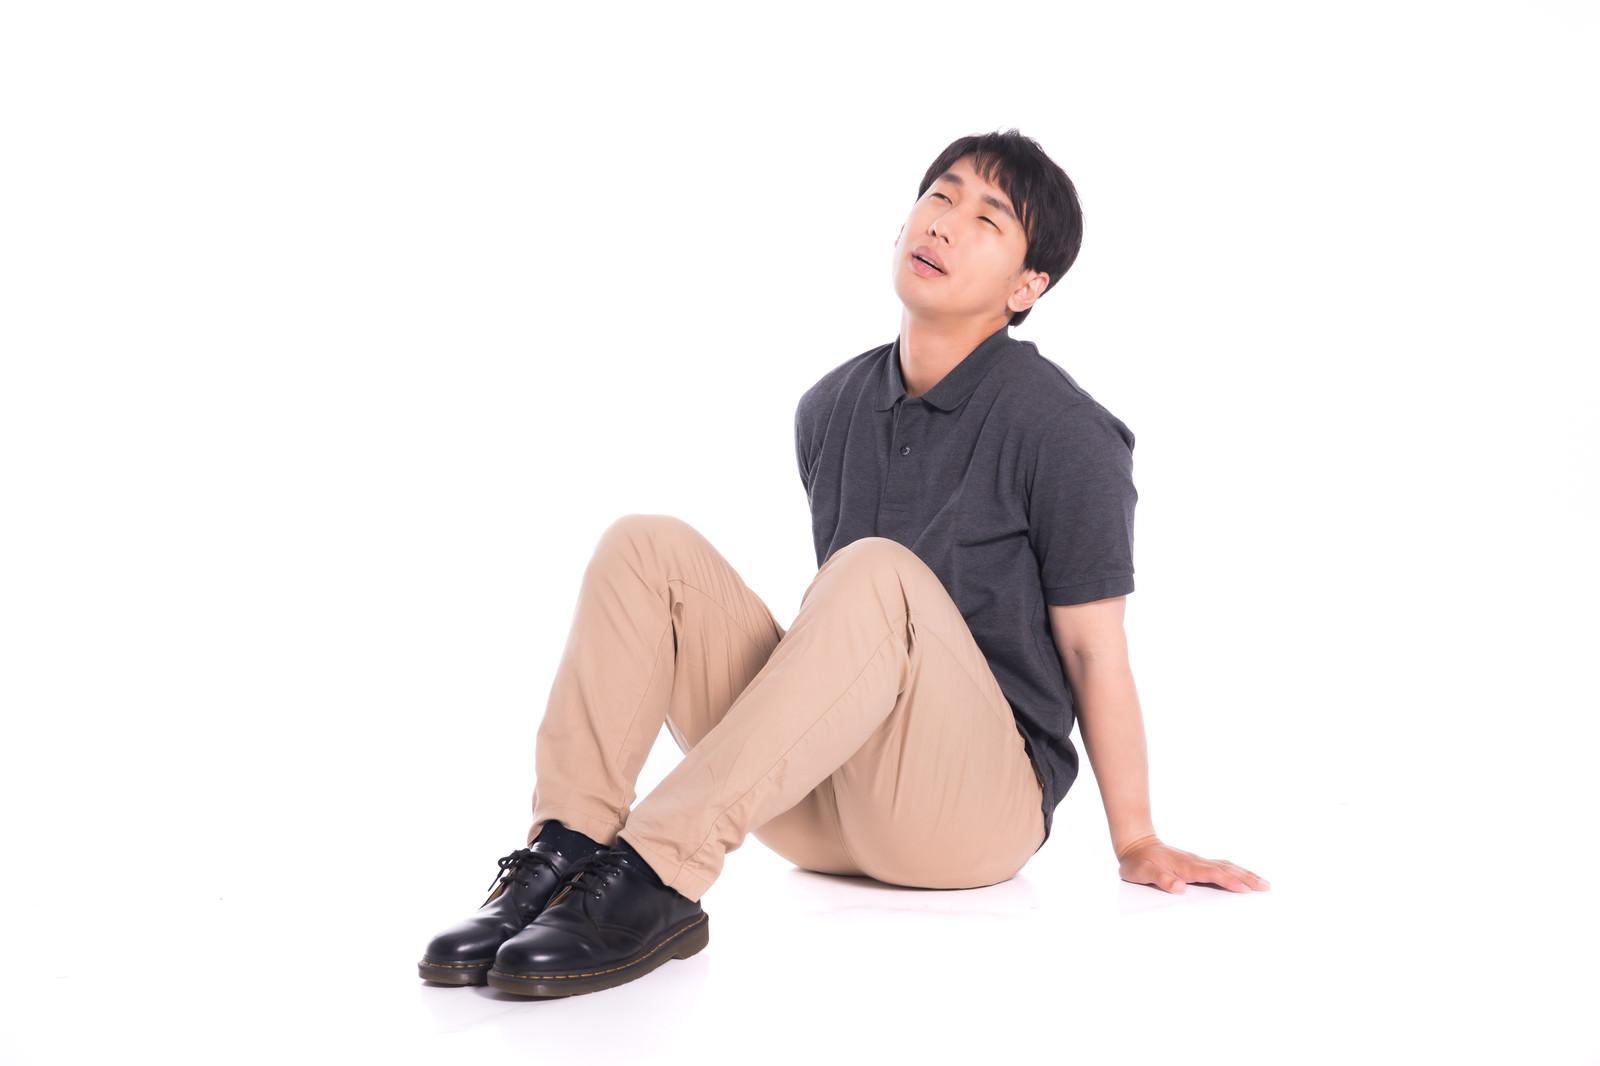 「疲れて座り込む男性」の写真[モデル:大川竜弥]